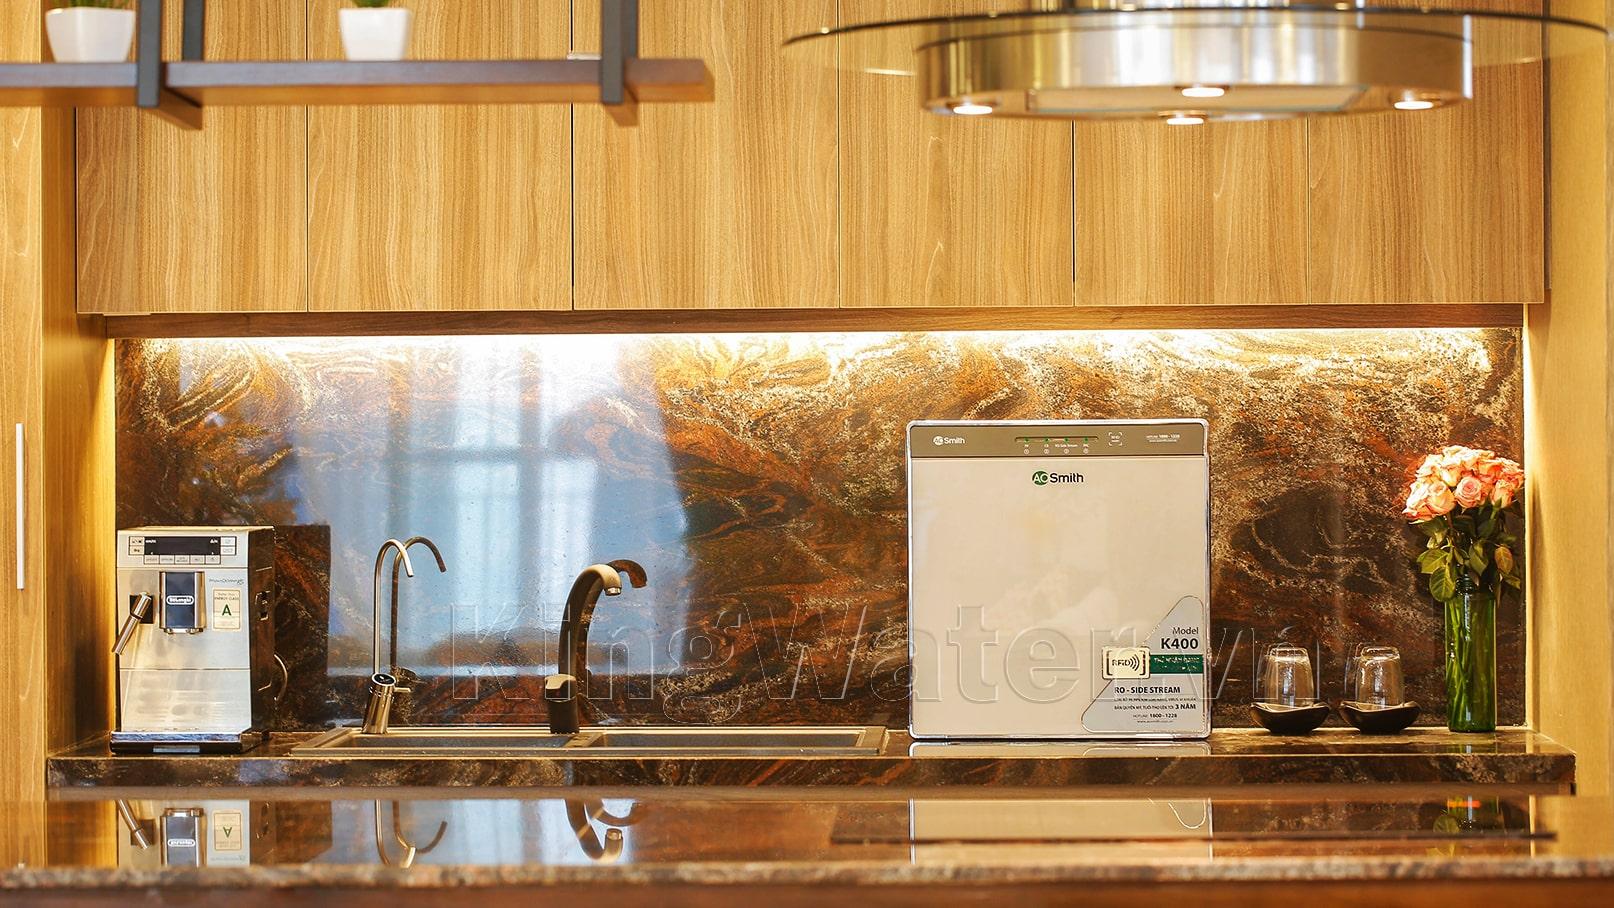 Khách hàng sử dụng máy lọc nước Aosmith K400